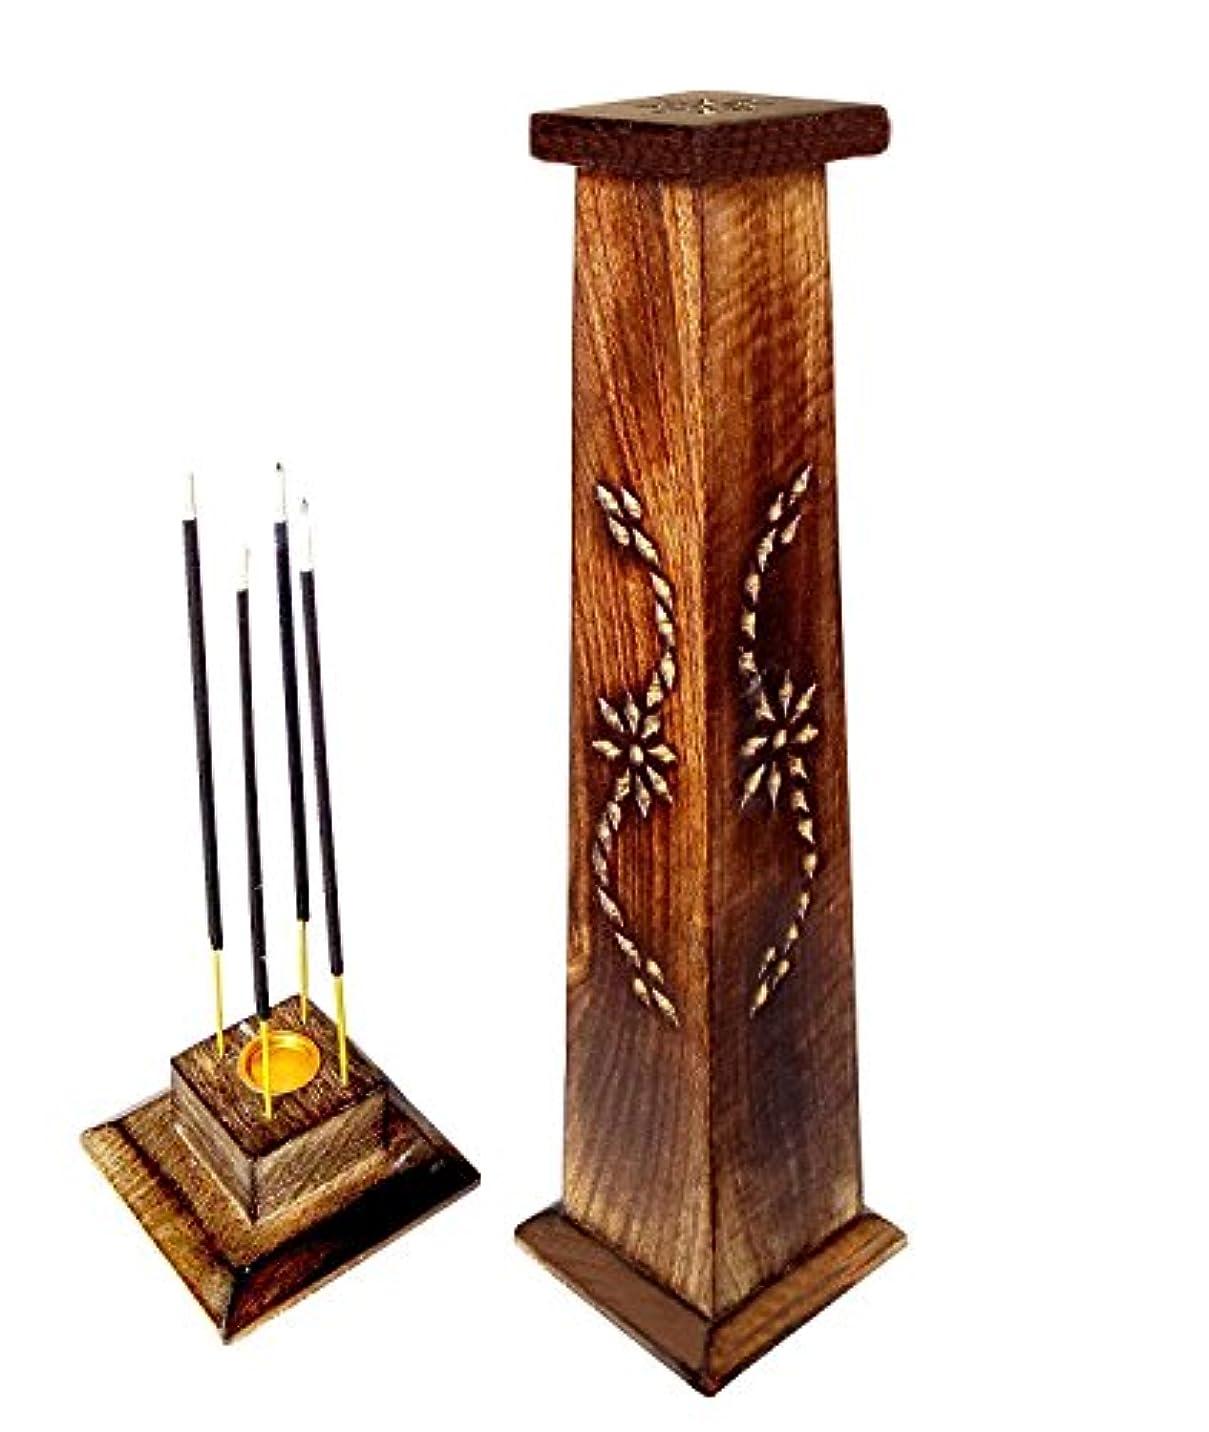 知覚する石膏以内に木製香炉Ideal for Aromatherapy、禅、Spa、Vastu、レイキChakra Votive Candle Garden Incense Tower 12